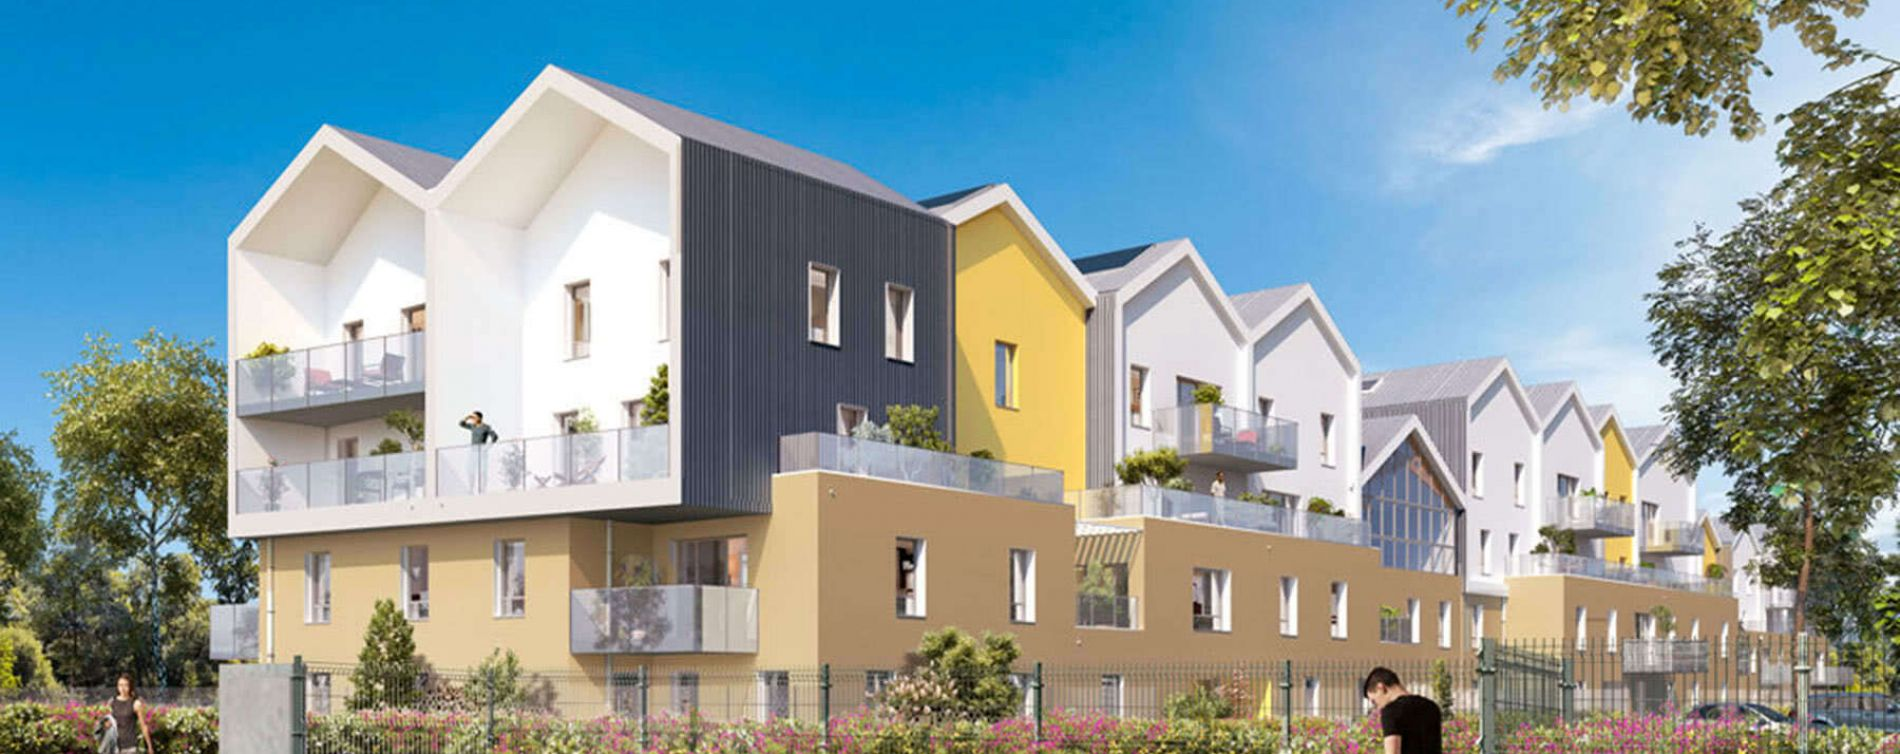 Saint-Priest : programme immobilier neuve « Factory Link »